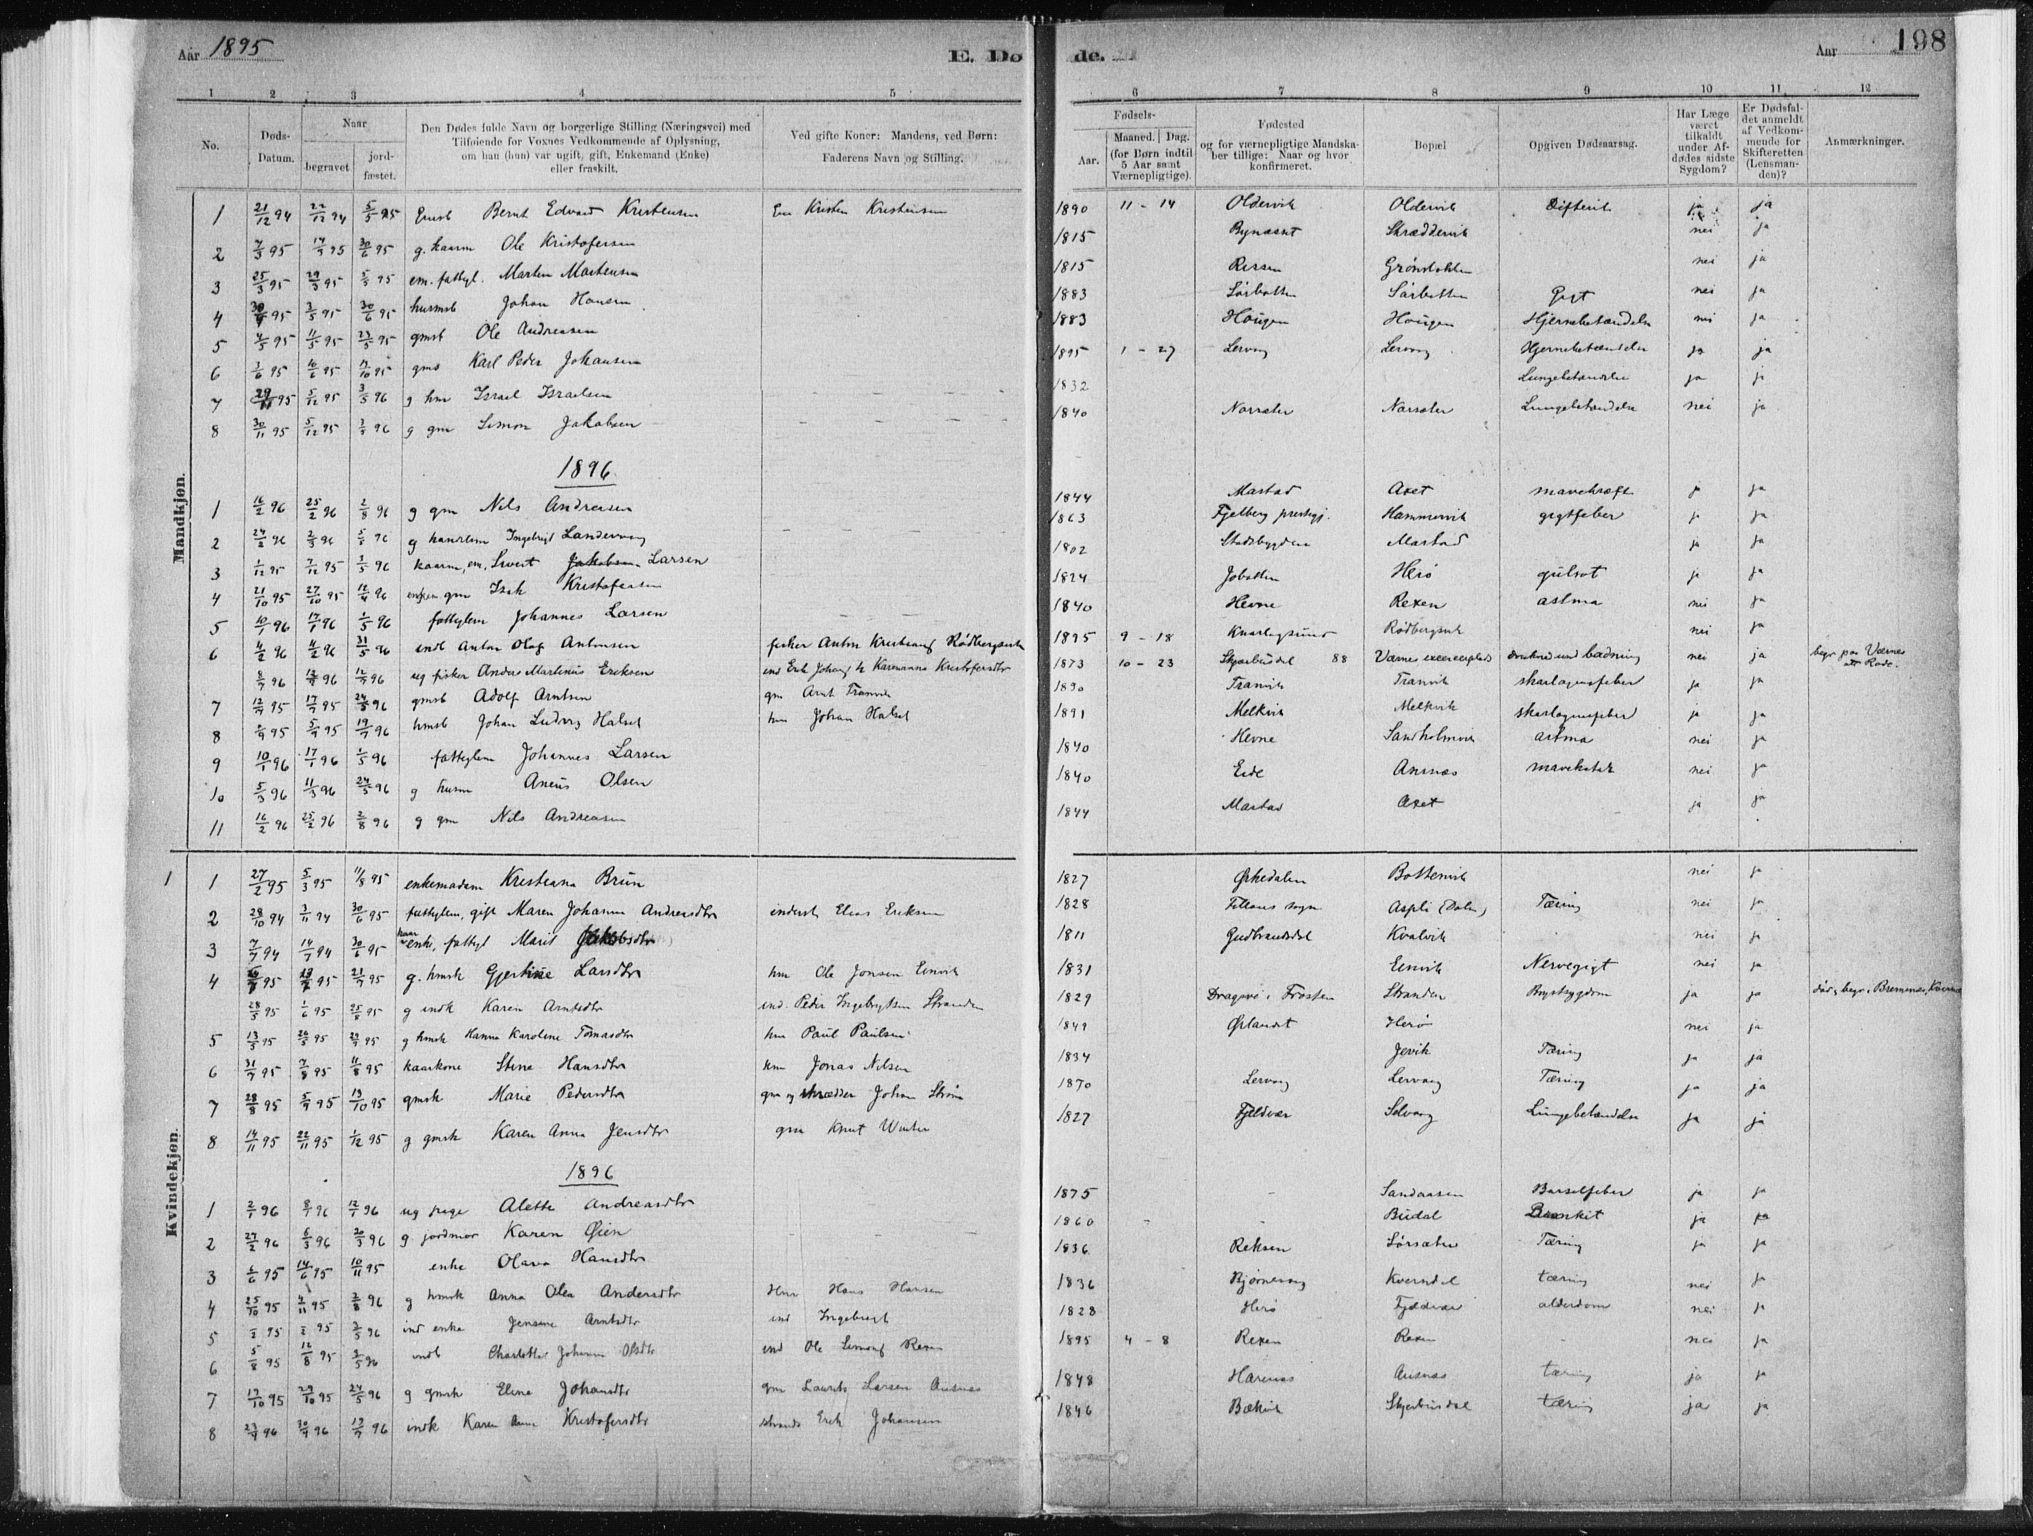 SAT, Ministerialprotokoller, klokkerbøker og fødselsregistre - Sør-Trøndelag, 637/L0558: Ministerialbok nr. 637A01, 1882-1899, s. 198